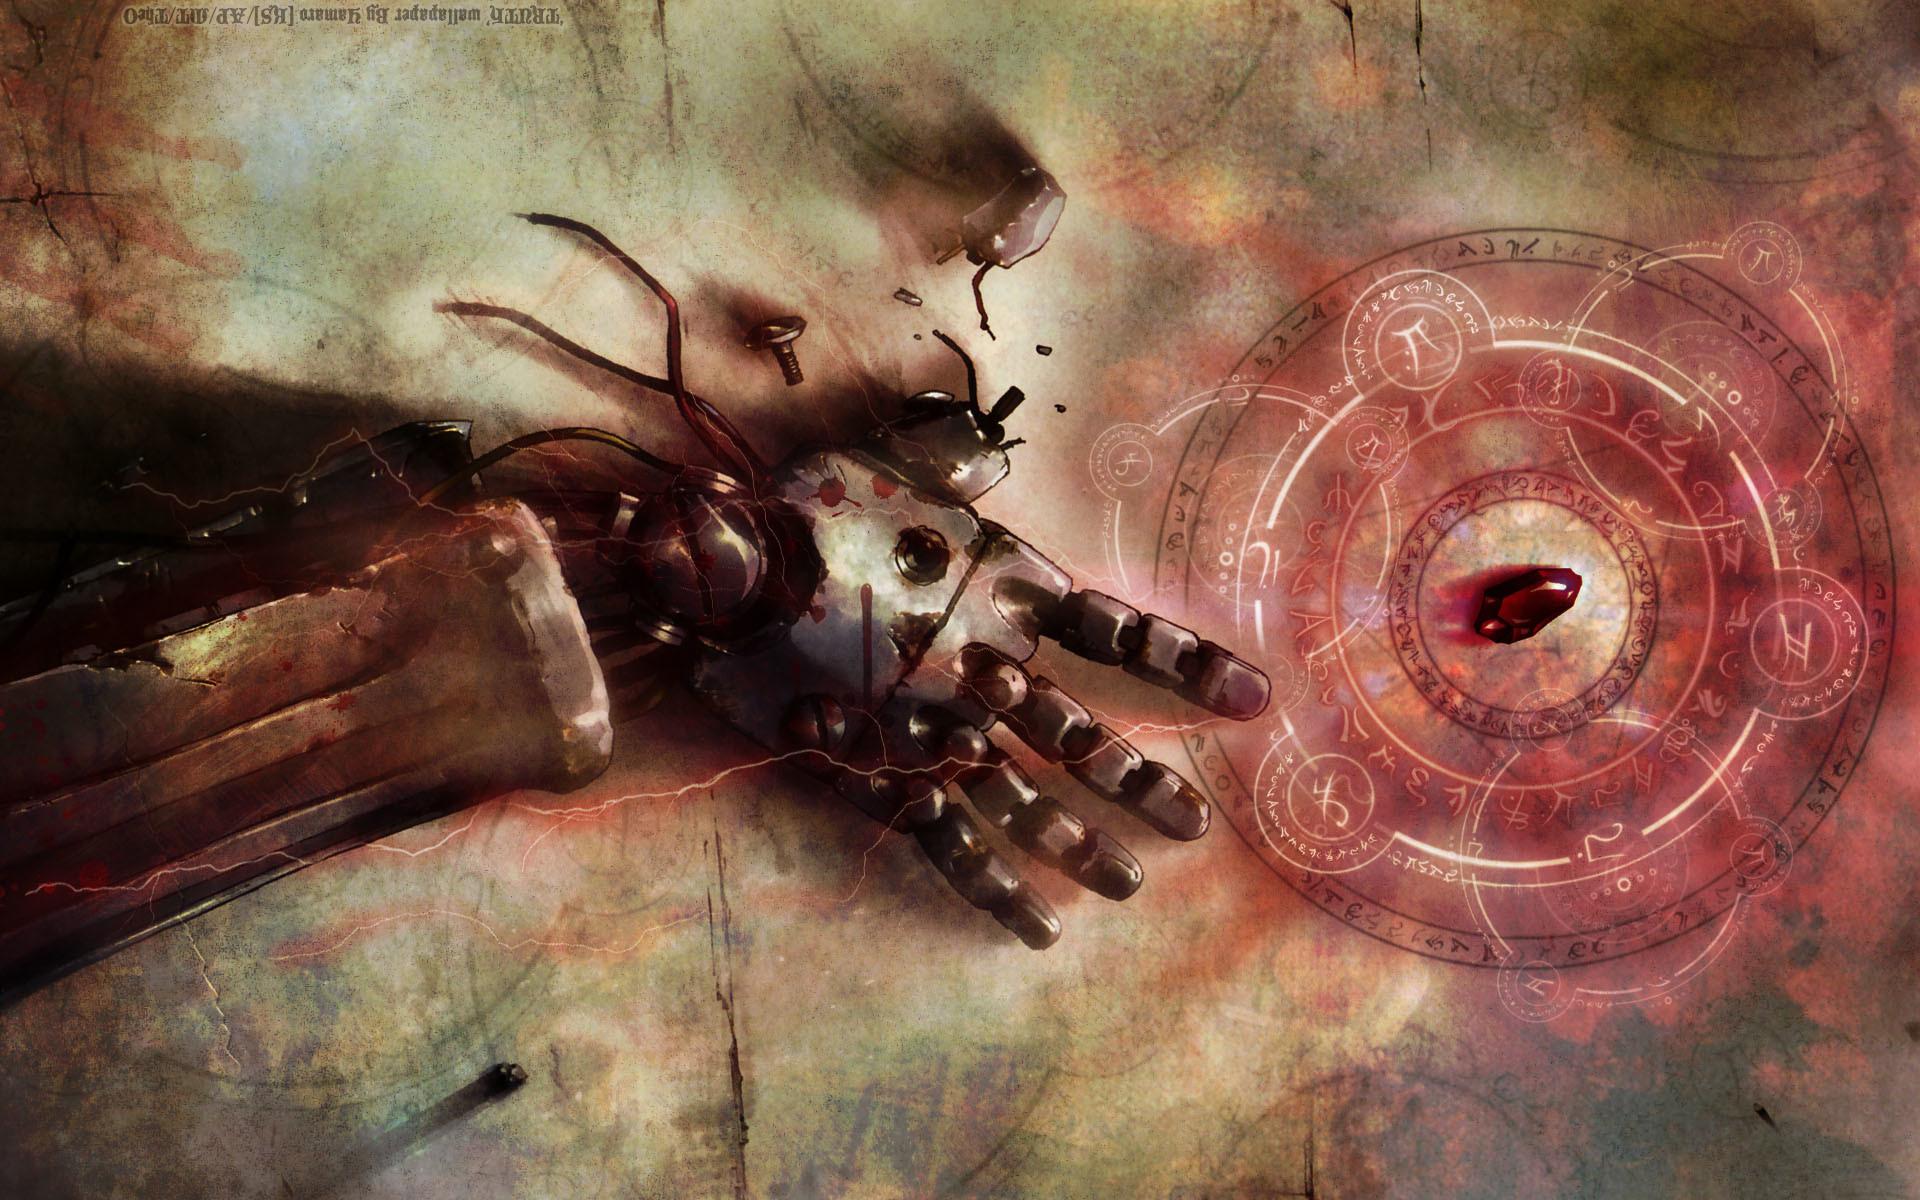 Fullmetal Alchemist Wallpaper Hd Wallpapertag